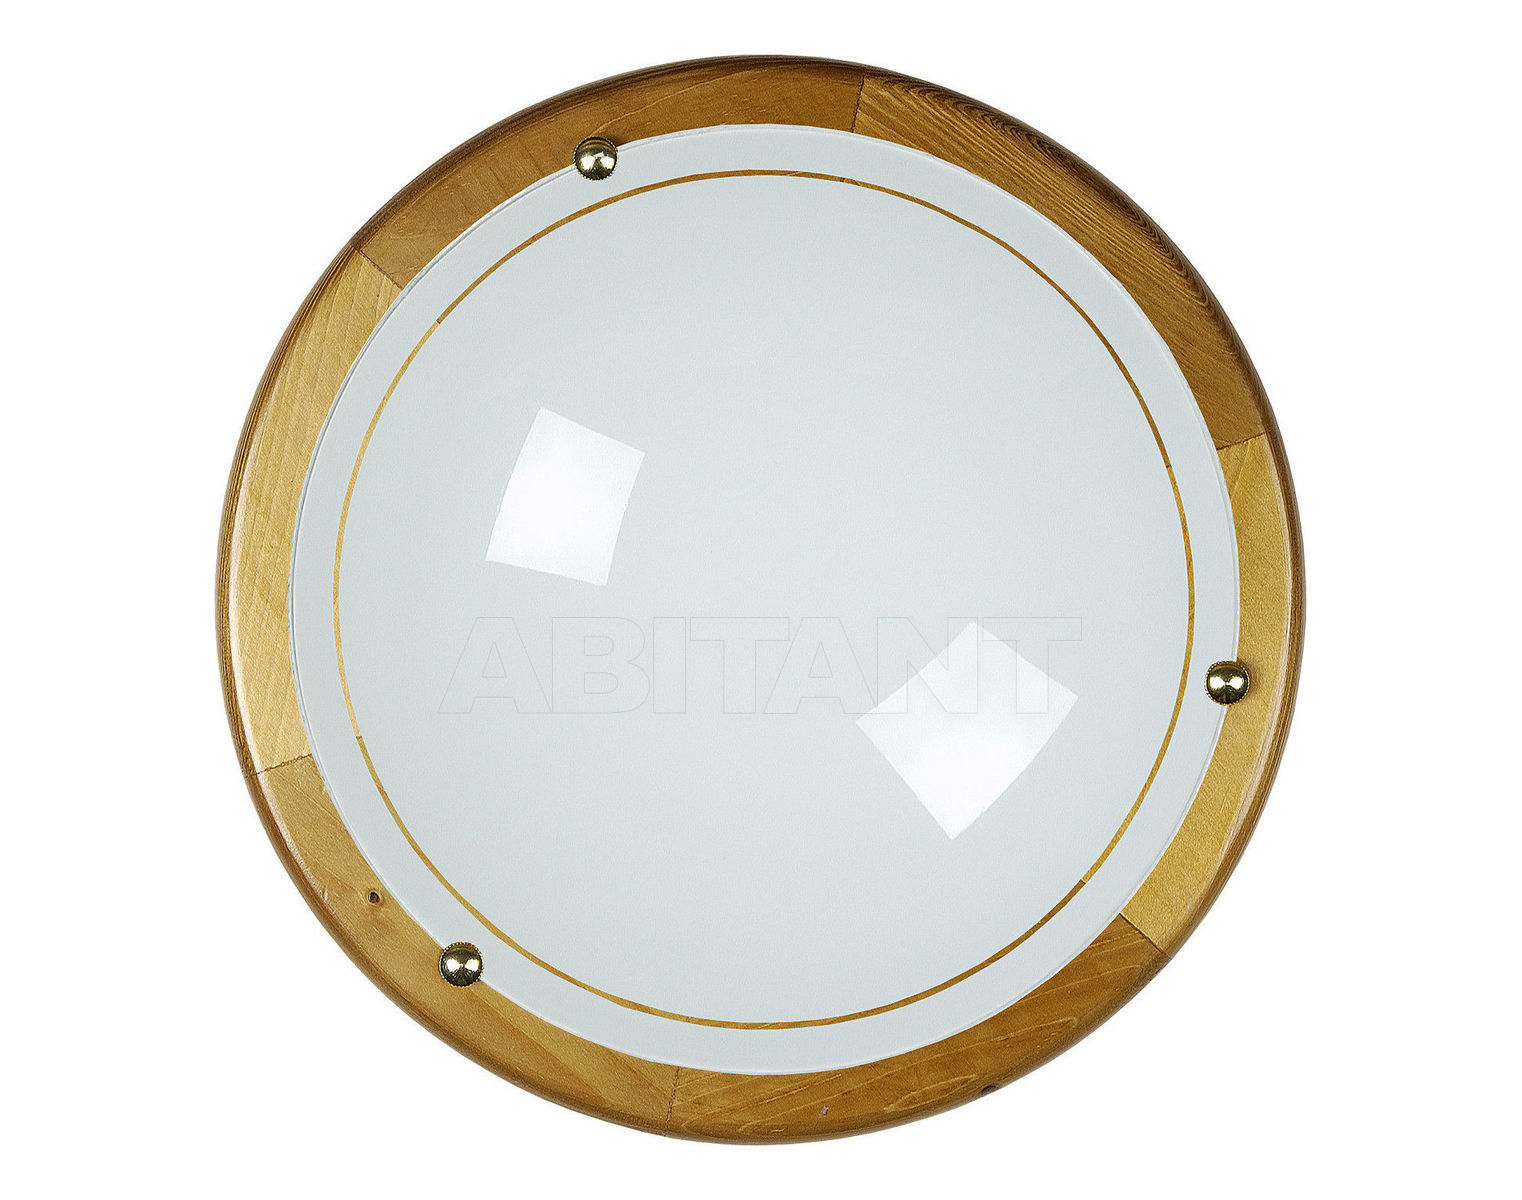 Купить Светильник BASIC Lucide  Ceiling & Wall Lights 07104/30/70